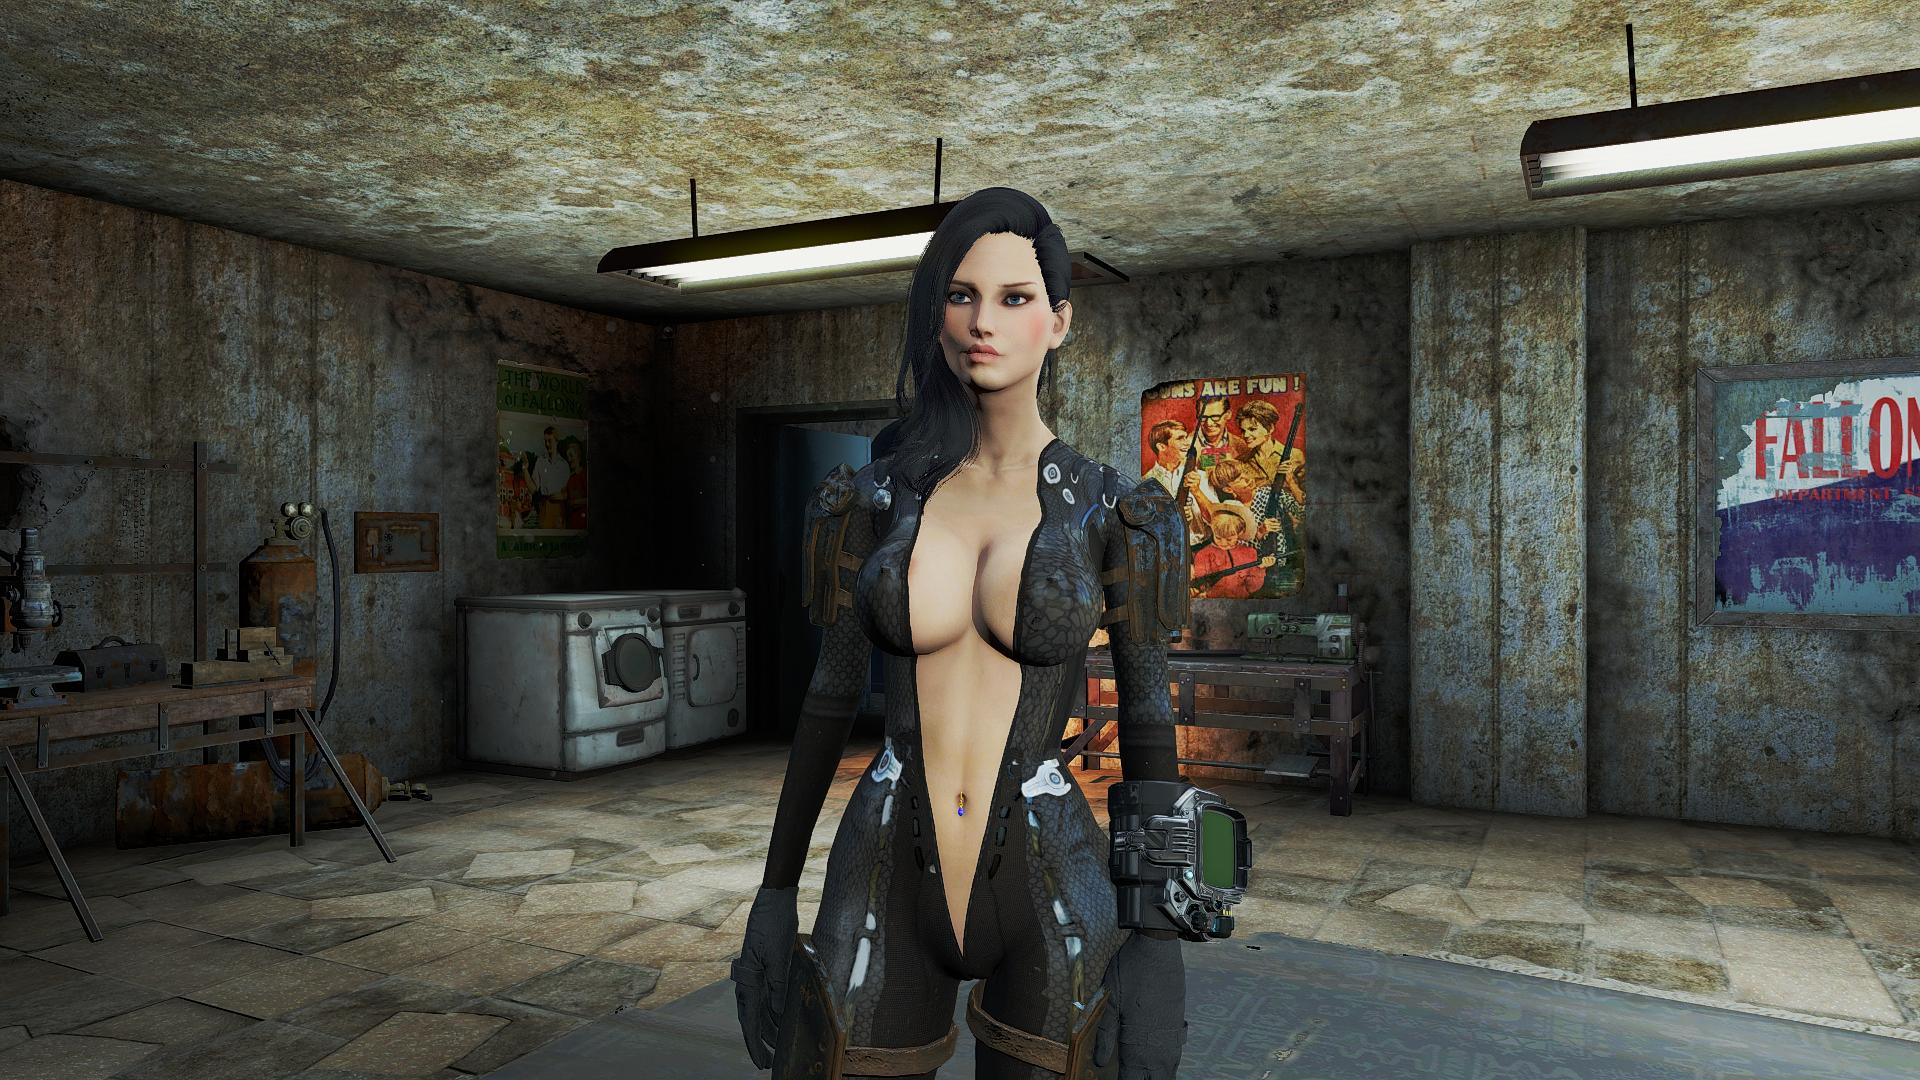 Fallout 4 Screenshot 2020.10.29 - 17.23.56.47.png